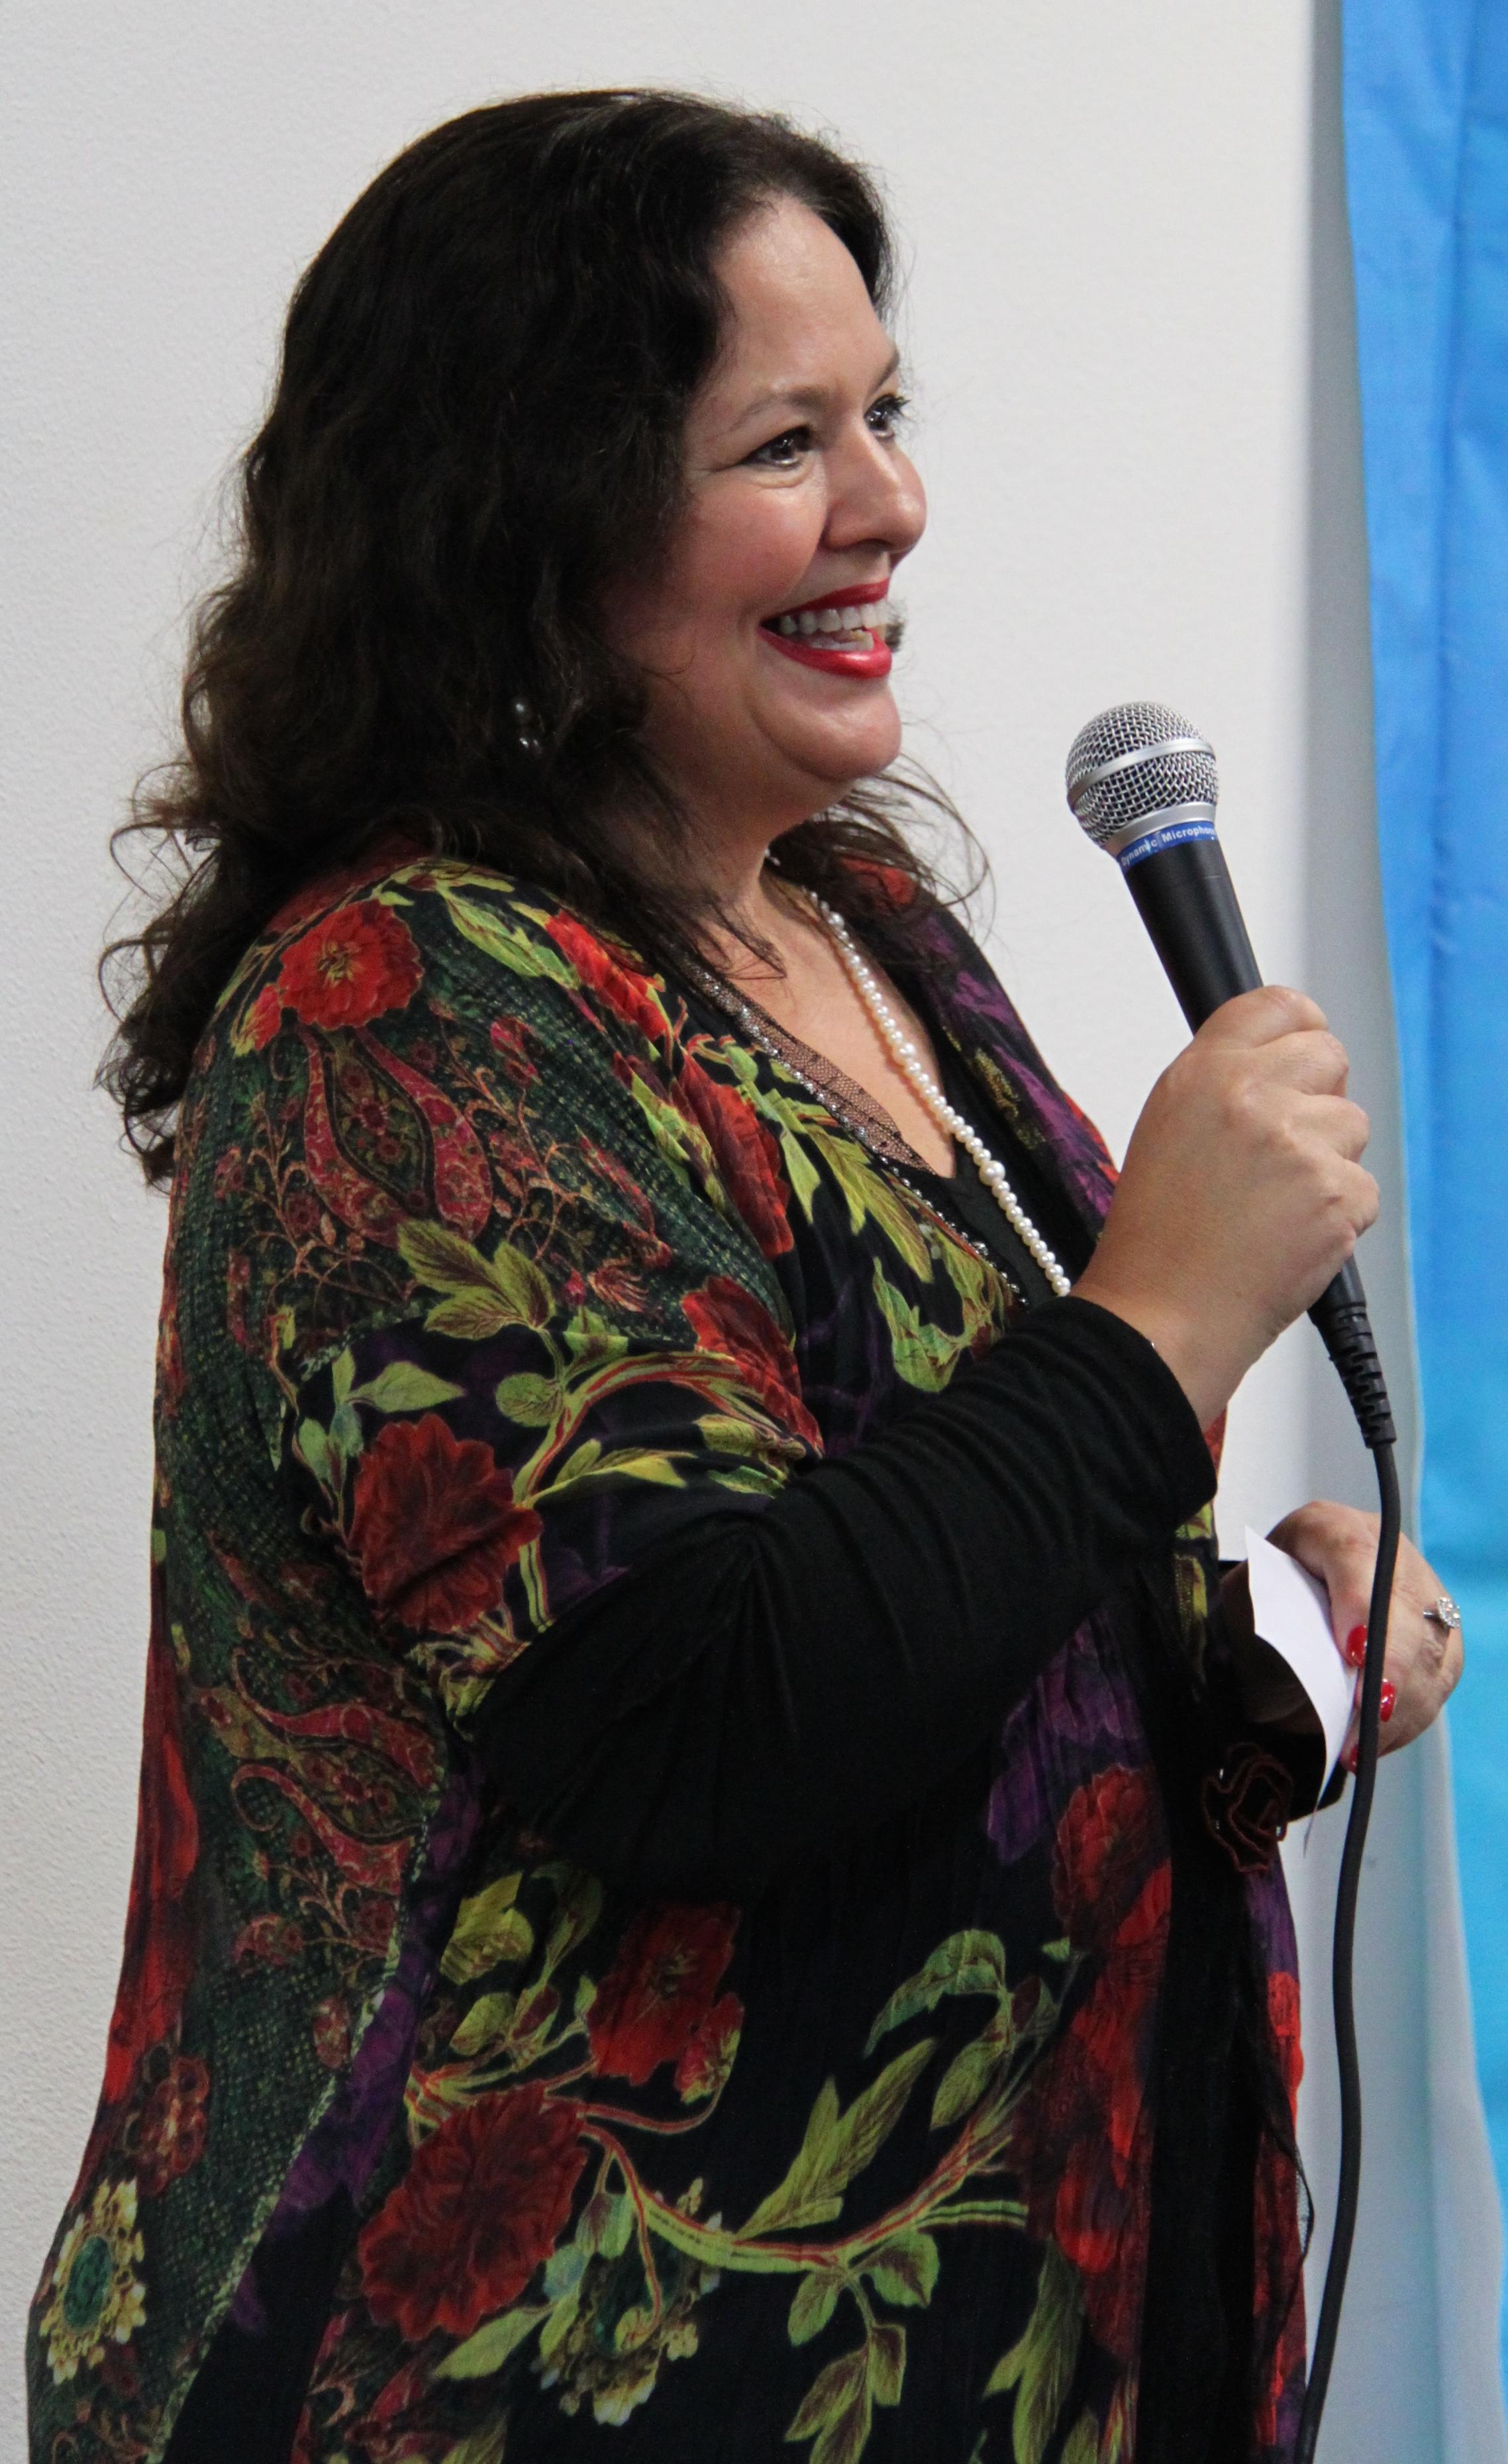 MC Actress Ruth Jordon